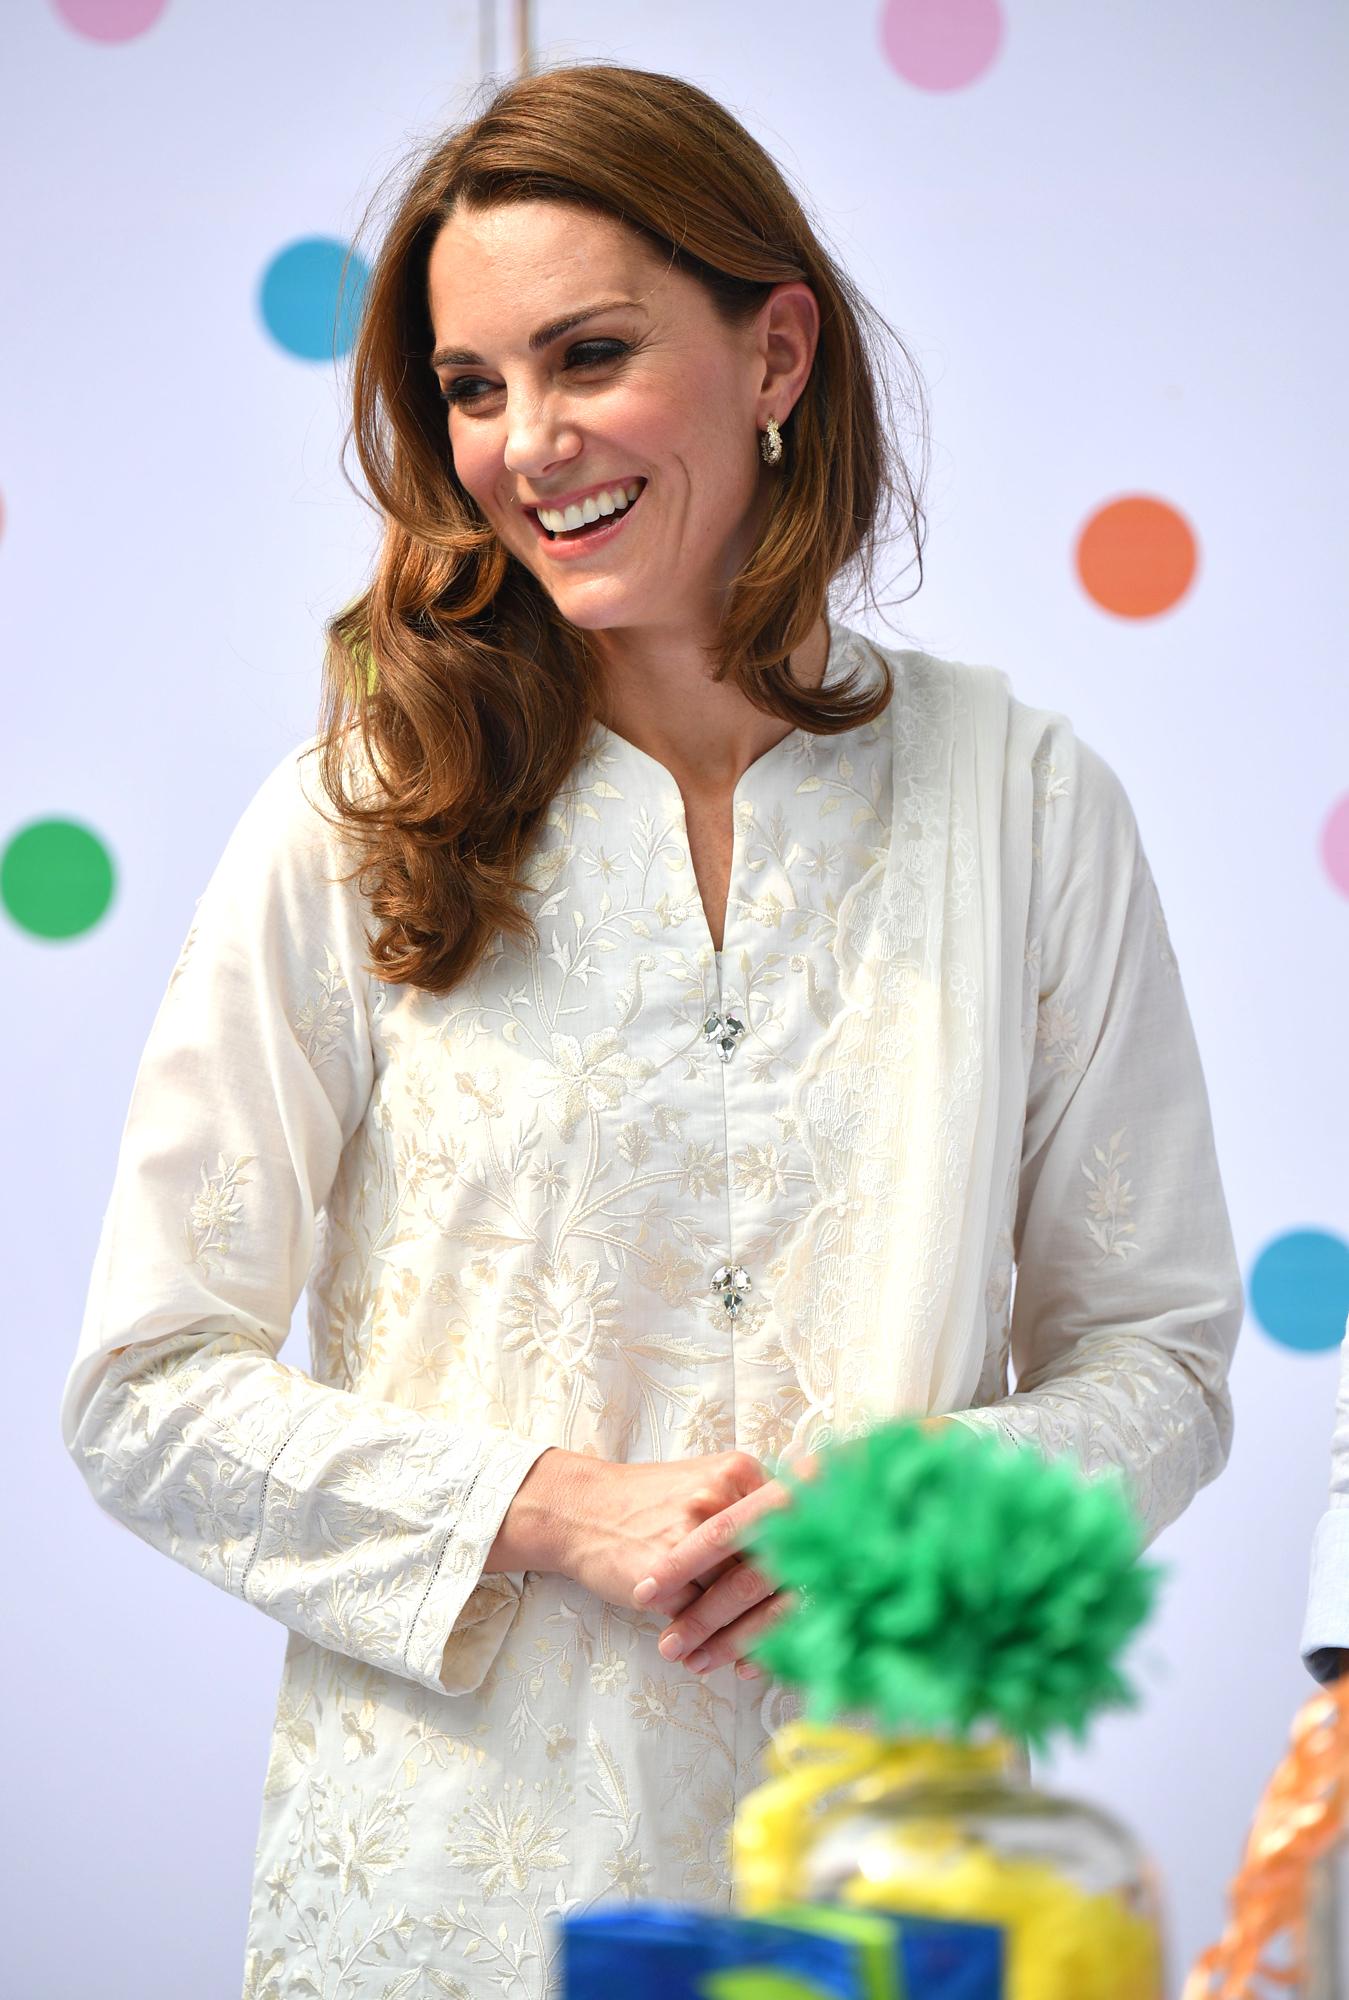 Кейт Миддлтон восхитилась в Инстаграм работой пакистанского фонда SOS Children's Village